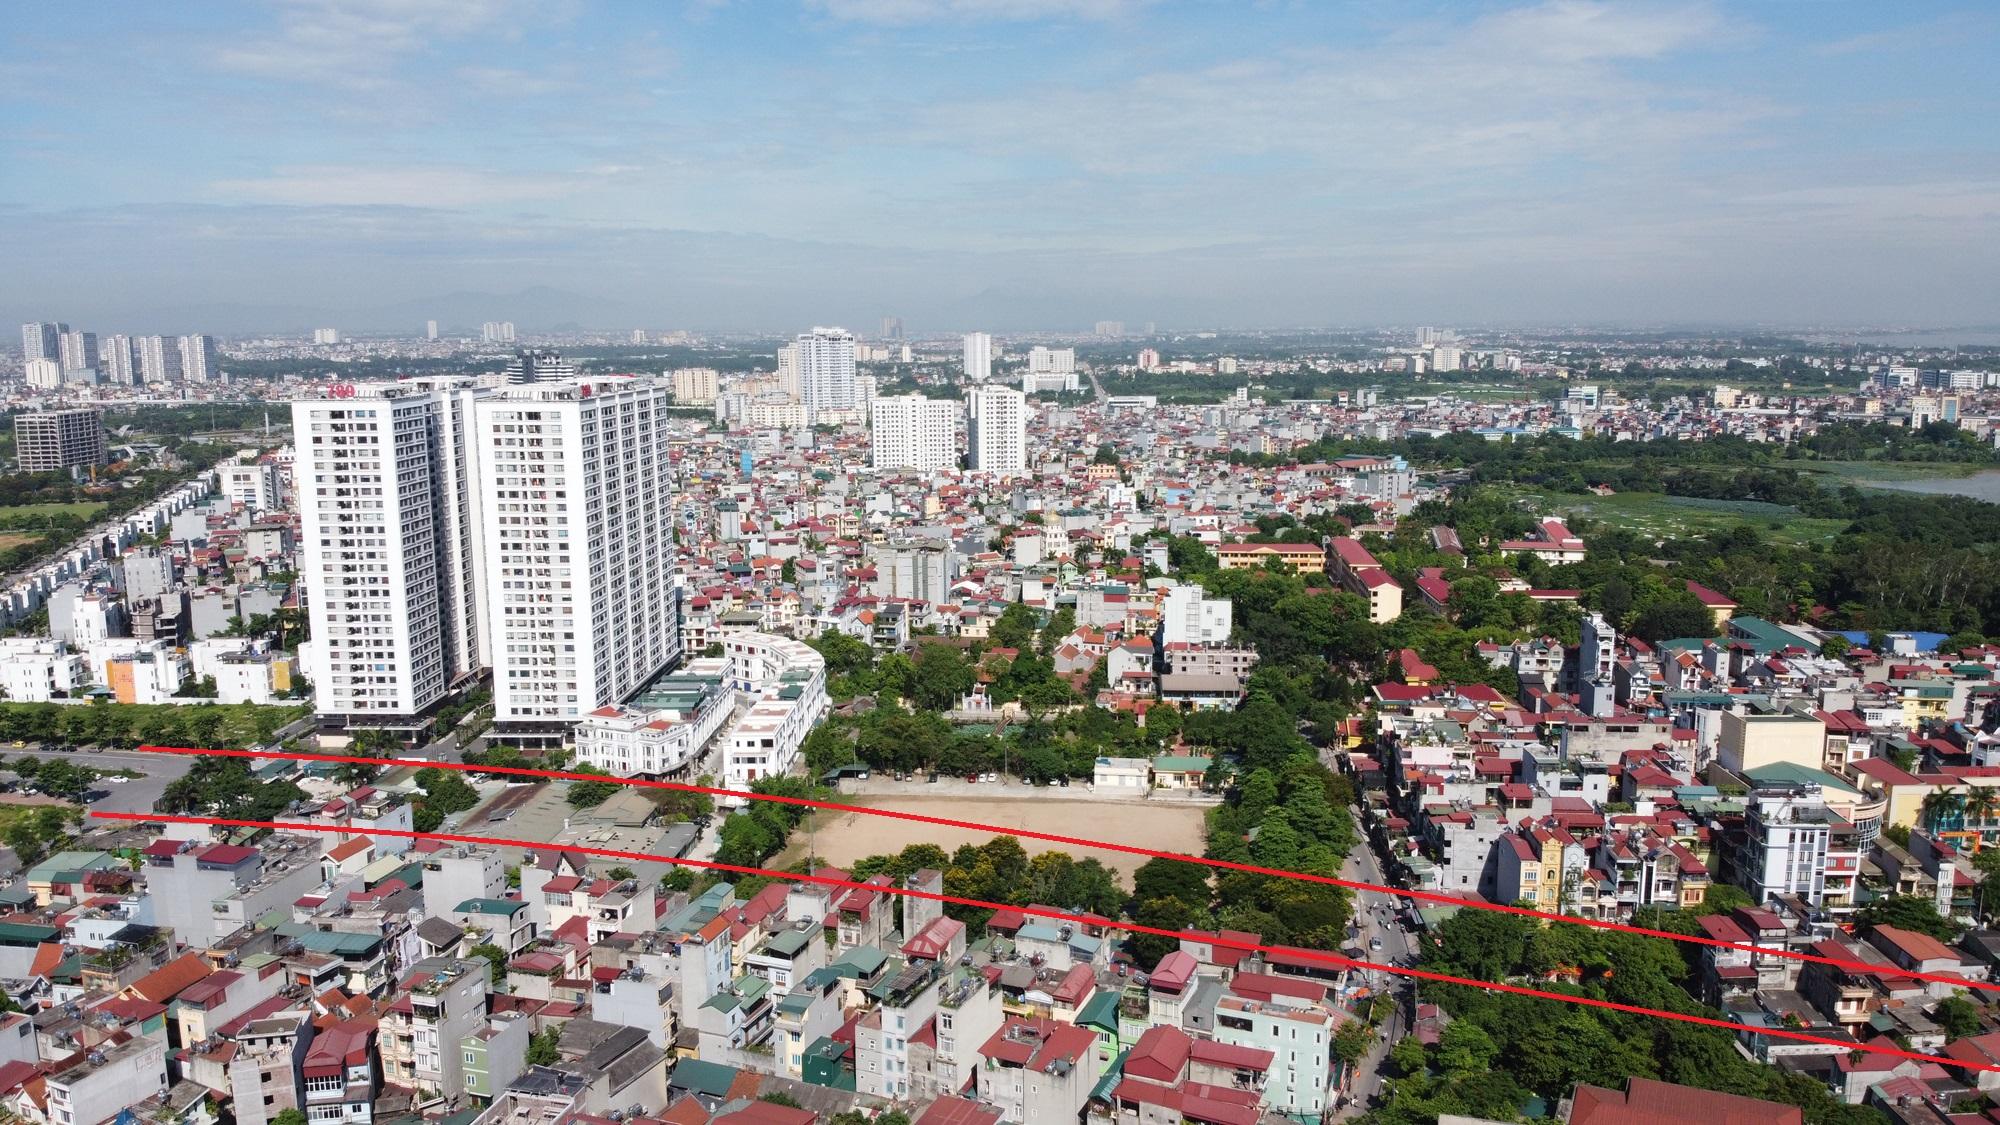 đường sẽ mở theo qui hoạch ở phường Xuân Tảo, Bắc Từ Liêm, Hà Nội - Ảnh 4.